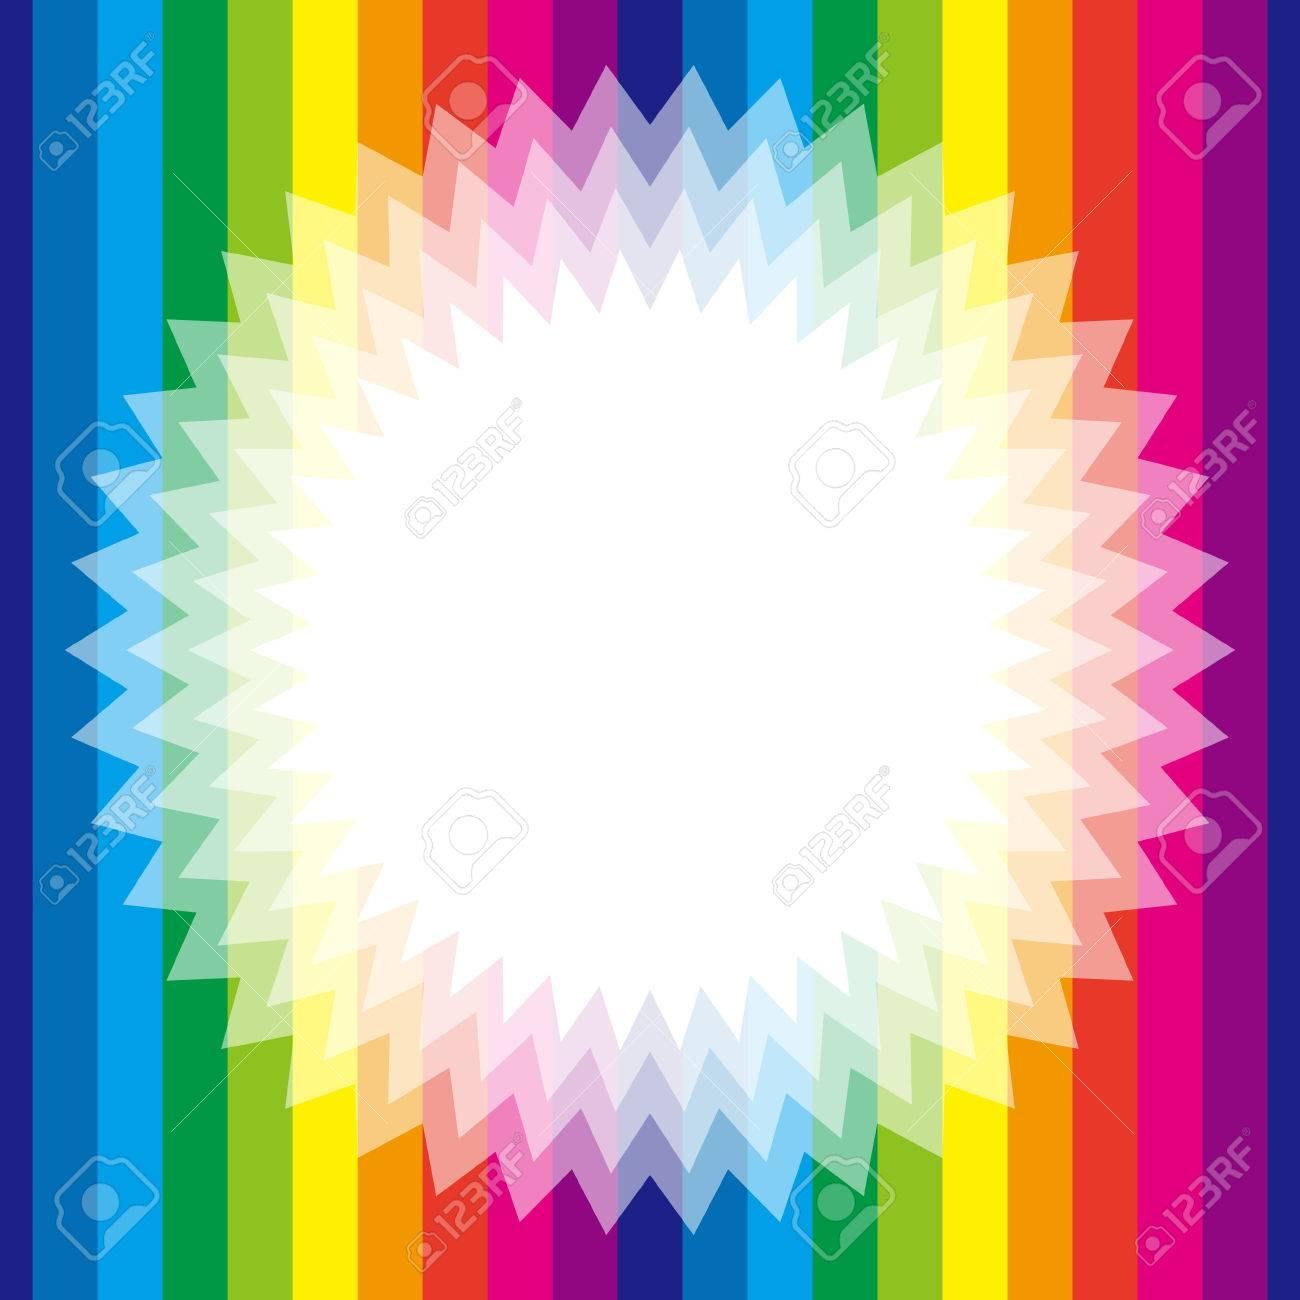 Fond D Ecran De Materiau Rainbow Couleur Arc En Ciel 7 Couleurs